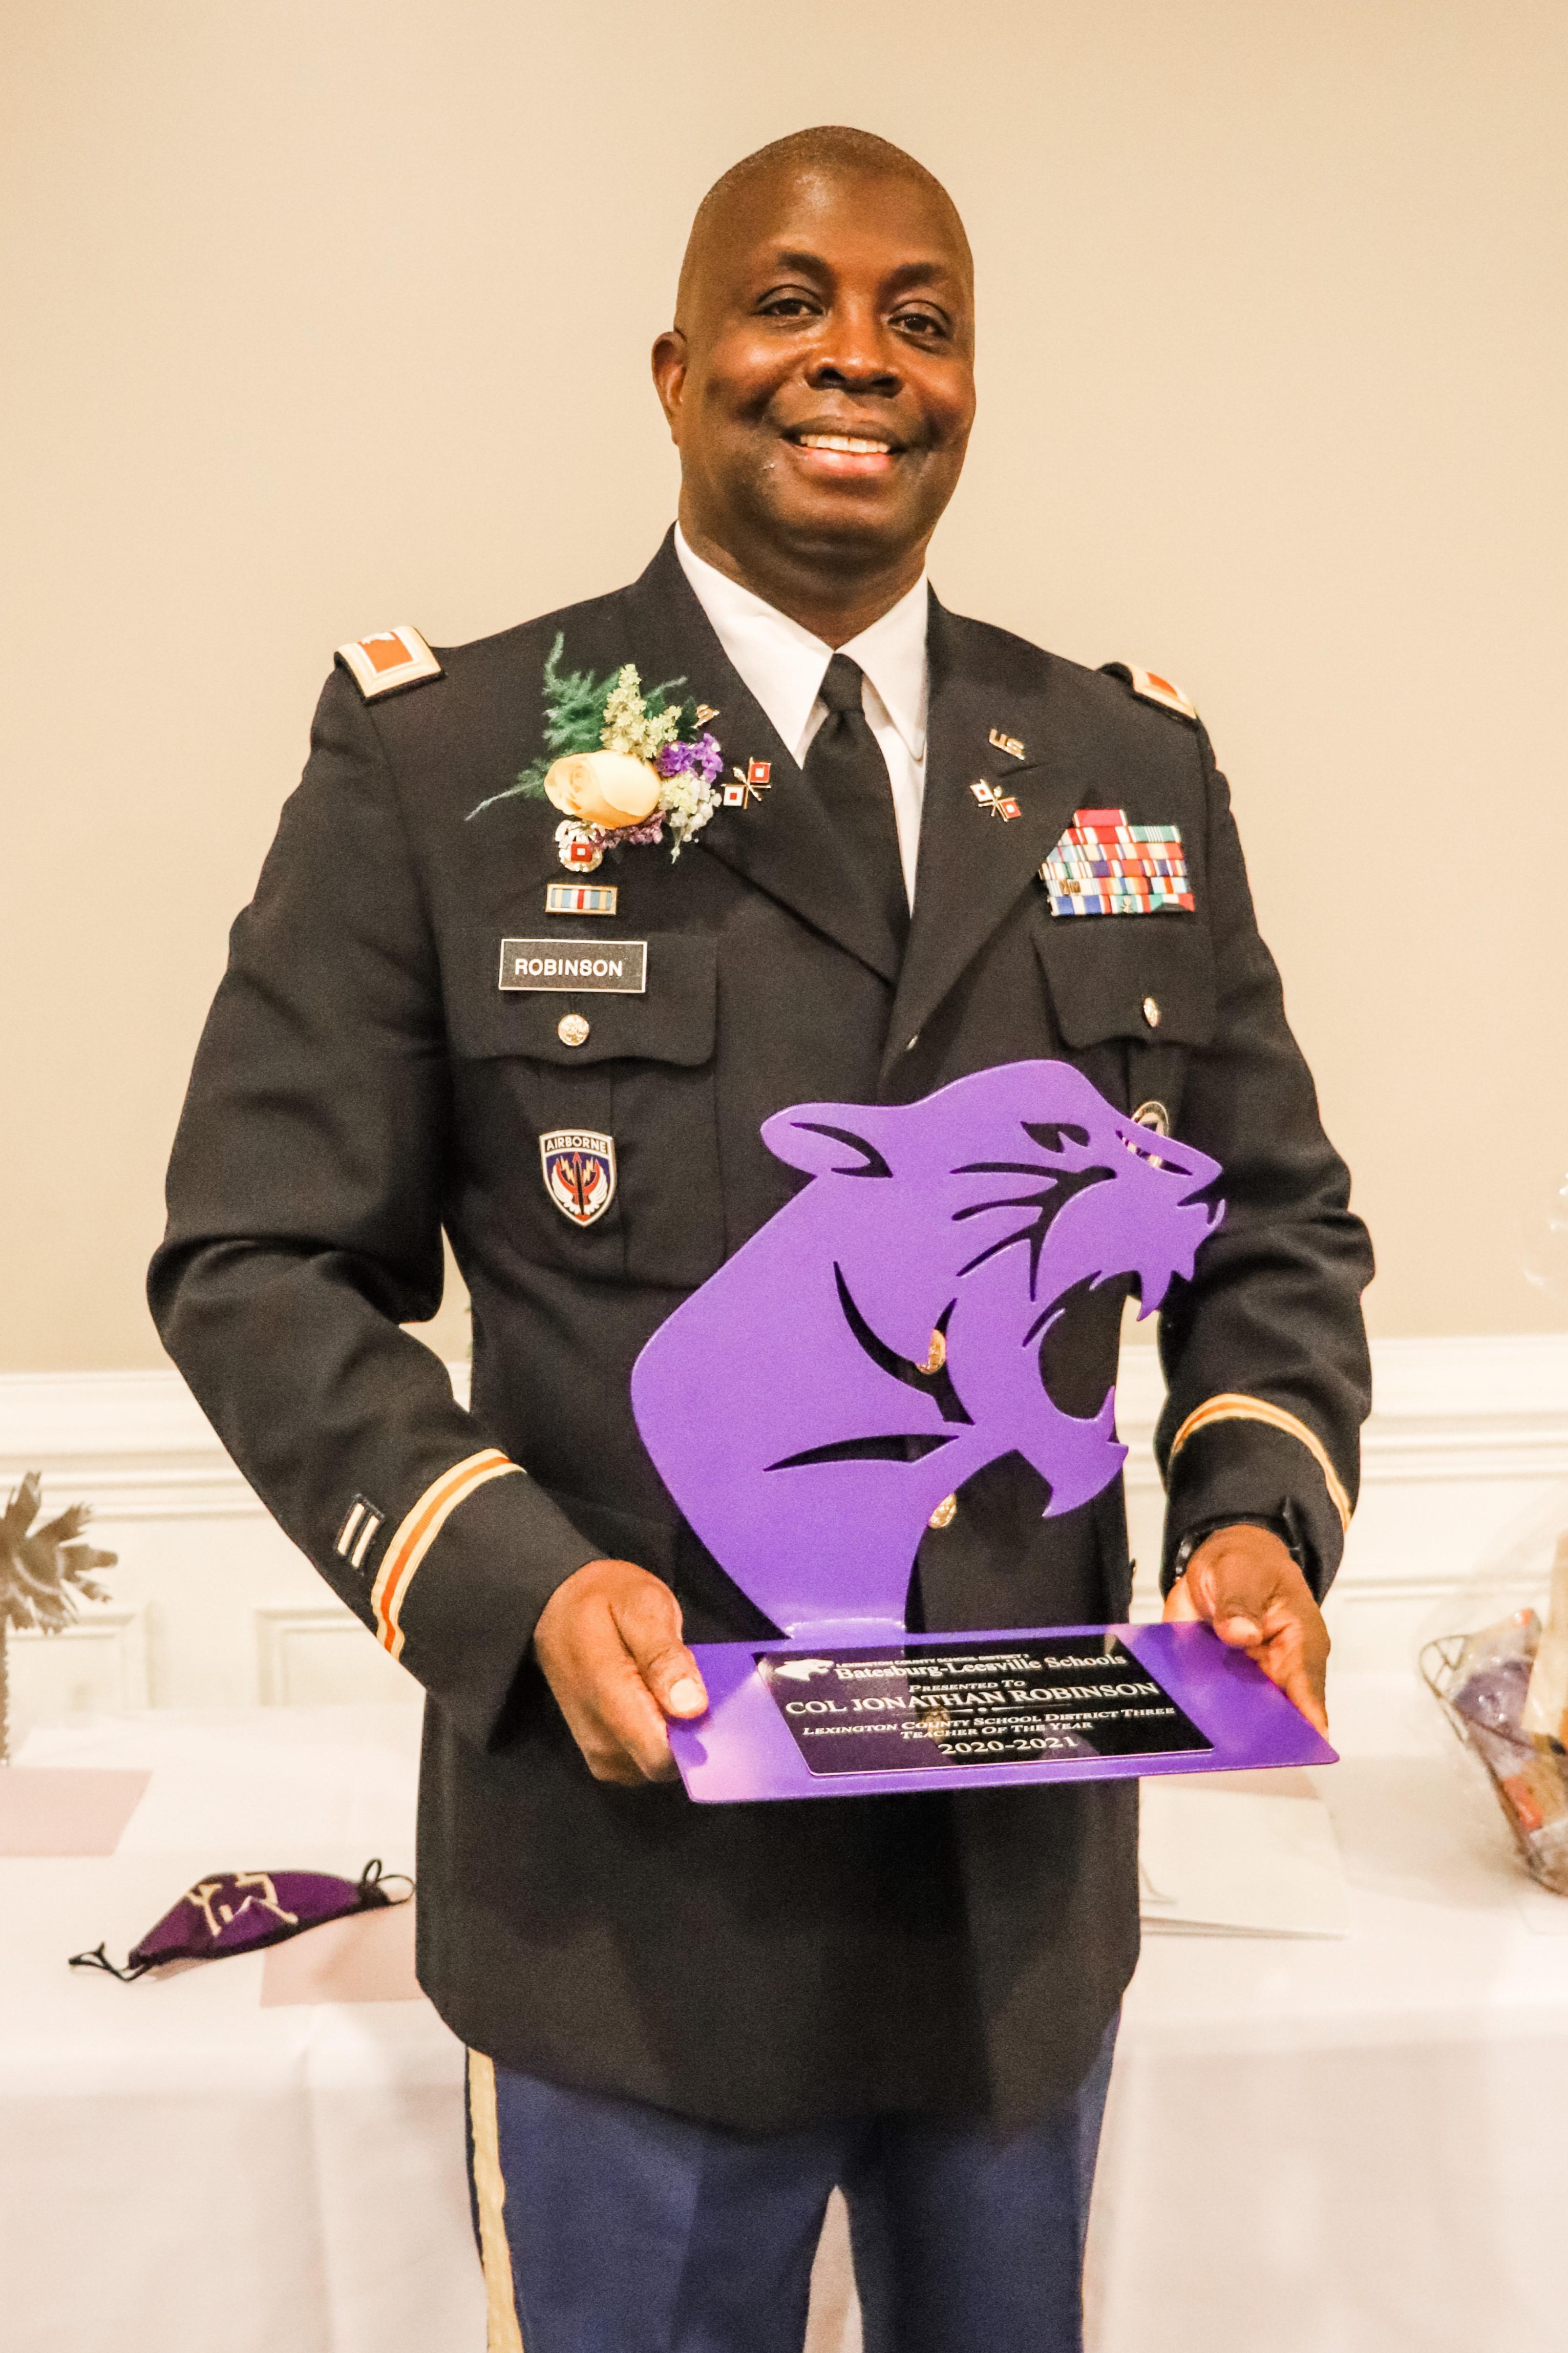 Col. Jonathan Robinson